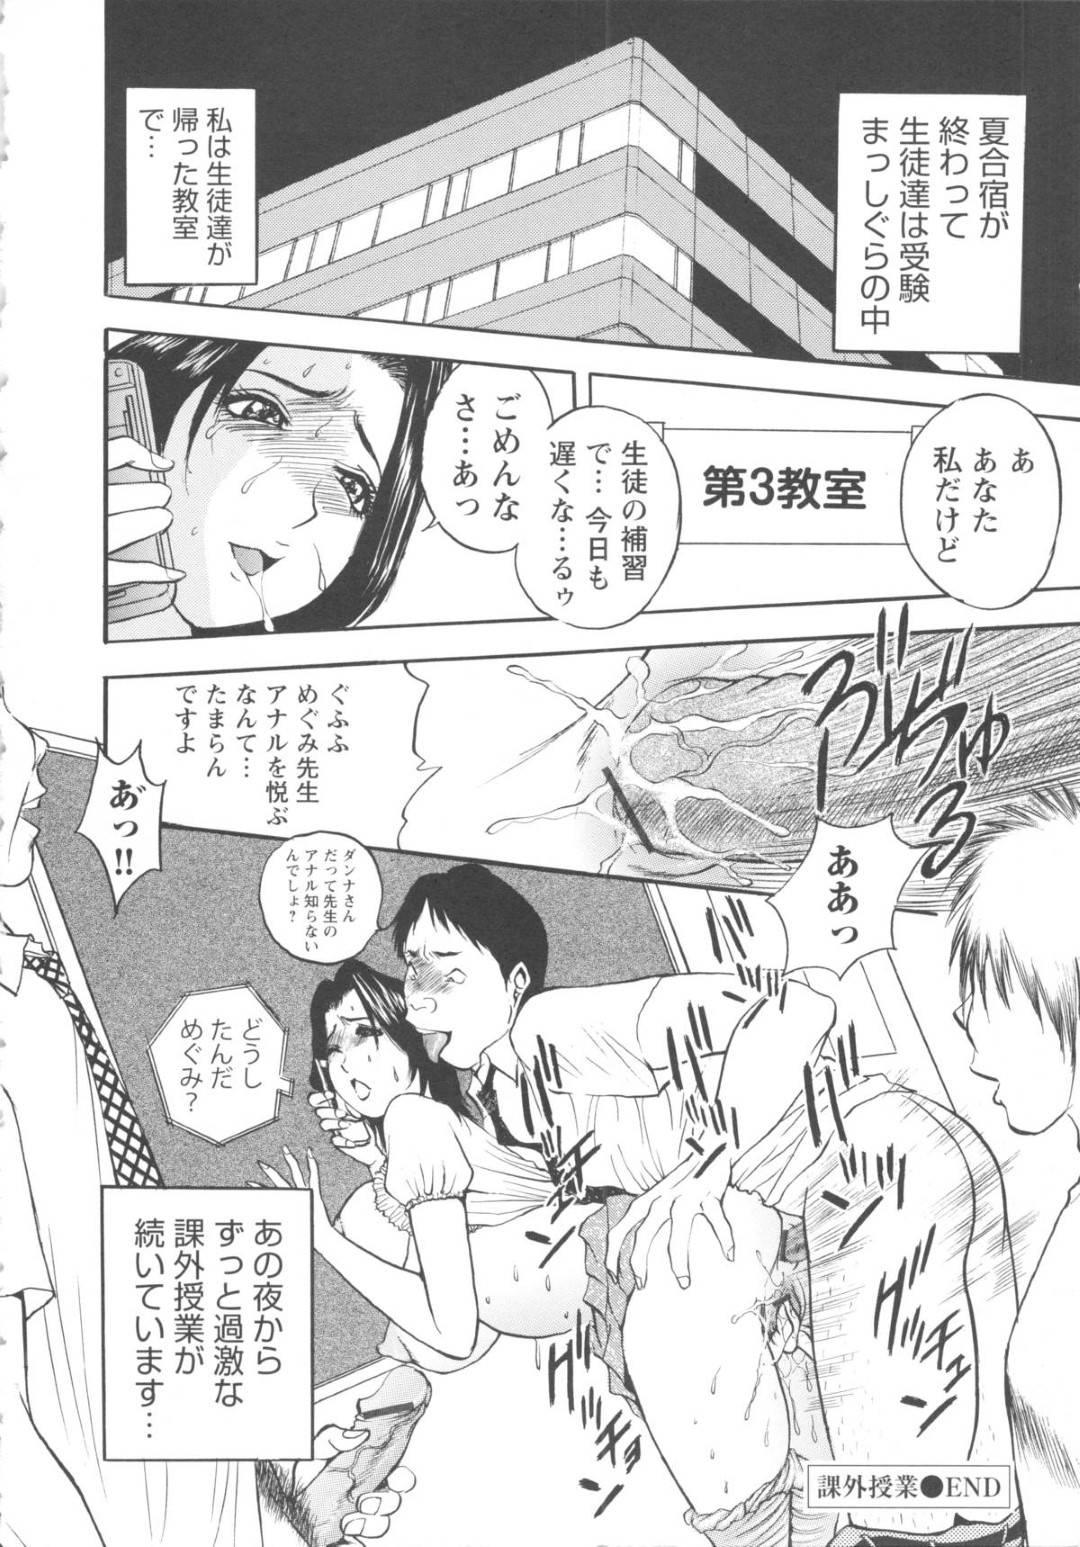 【エロ漫画】務める予備校の夏季特別講習を担当することになった人妻教師。やる気のない浪人生に叱咤激励すると、成績を残すようになるヤンキー浪人生。約束を守った代わりに彼の指示通り、エロ水着を着て夜のプールで複数の生徒たちに犯される!【Akira/擦り妻 第10話課外授業秘密の人妻ゼミナール】